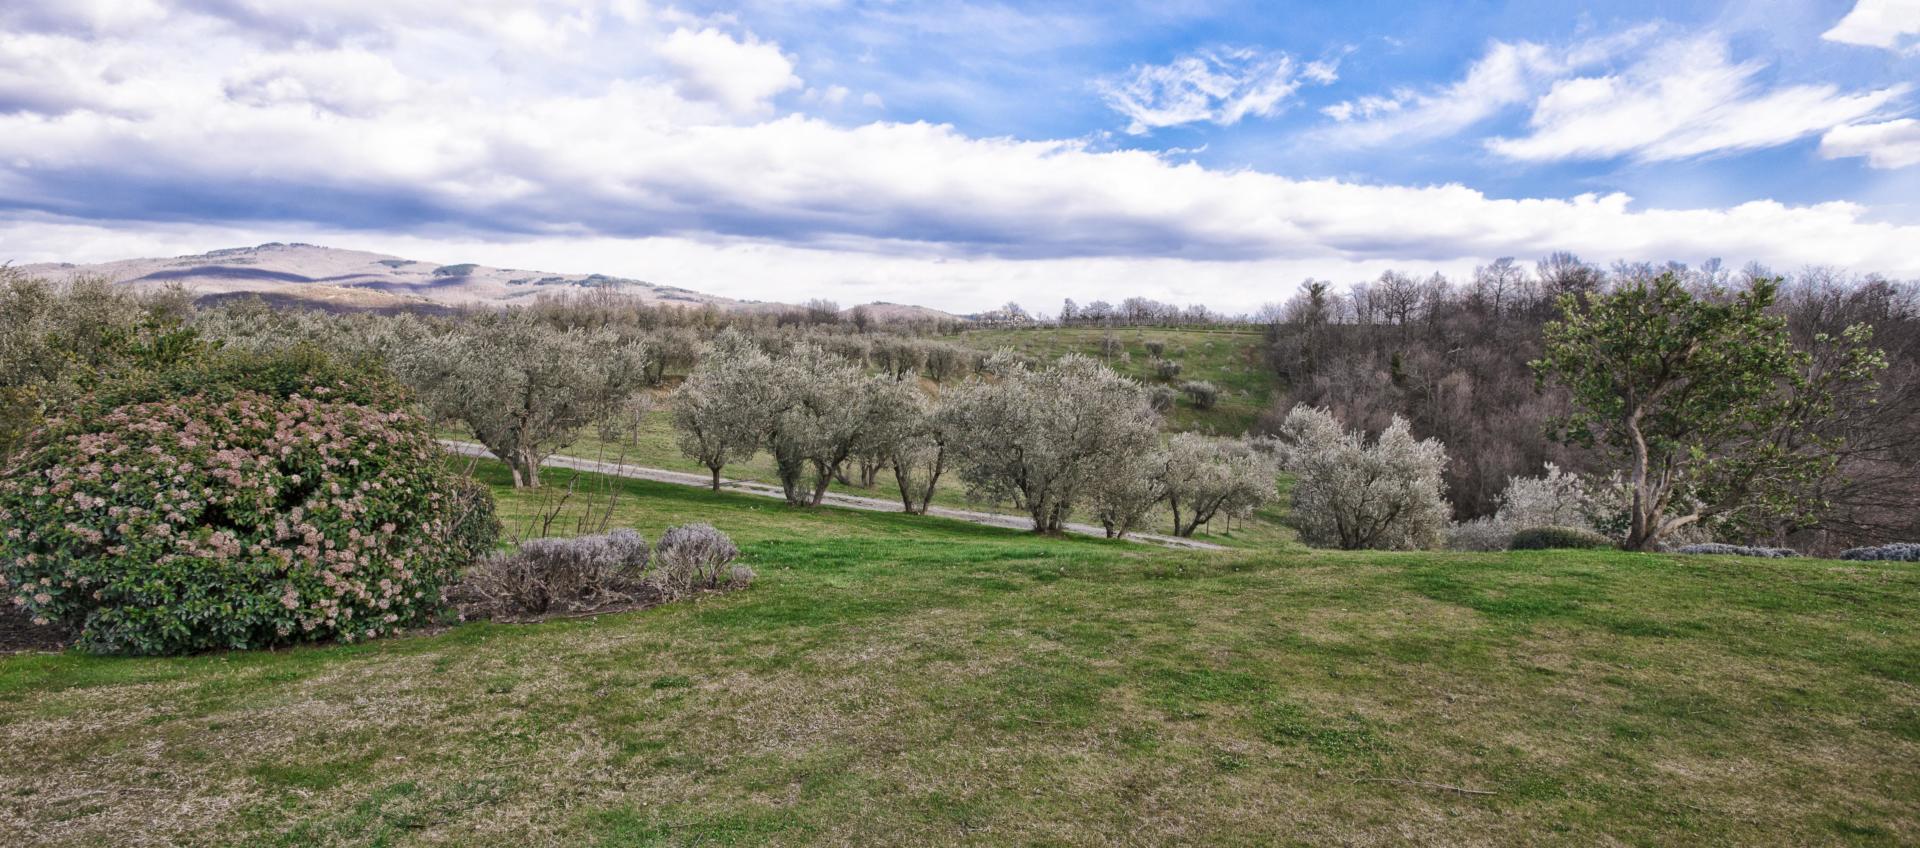 Utsikt fra eiendommen - Foto: Paolo Menchetti